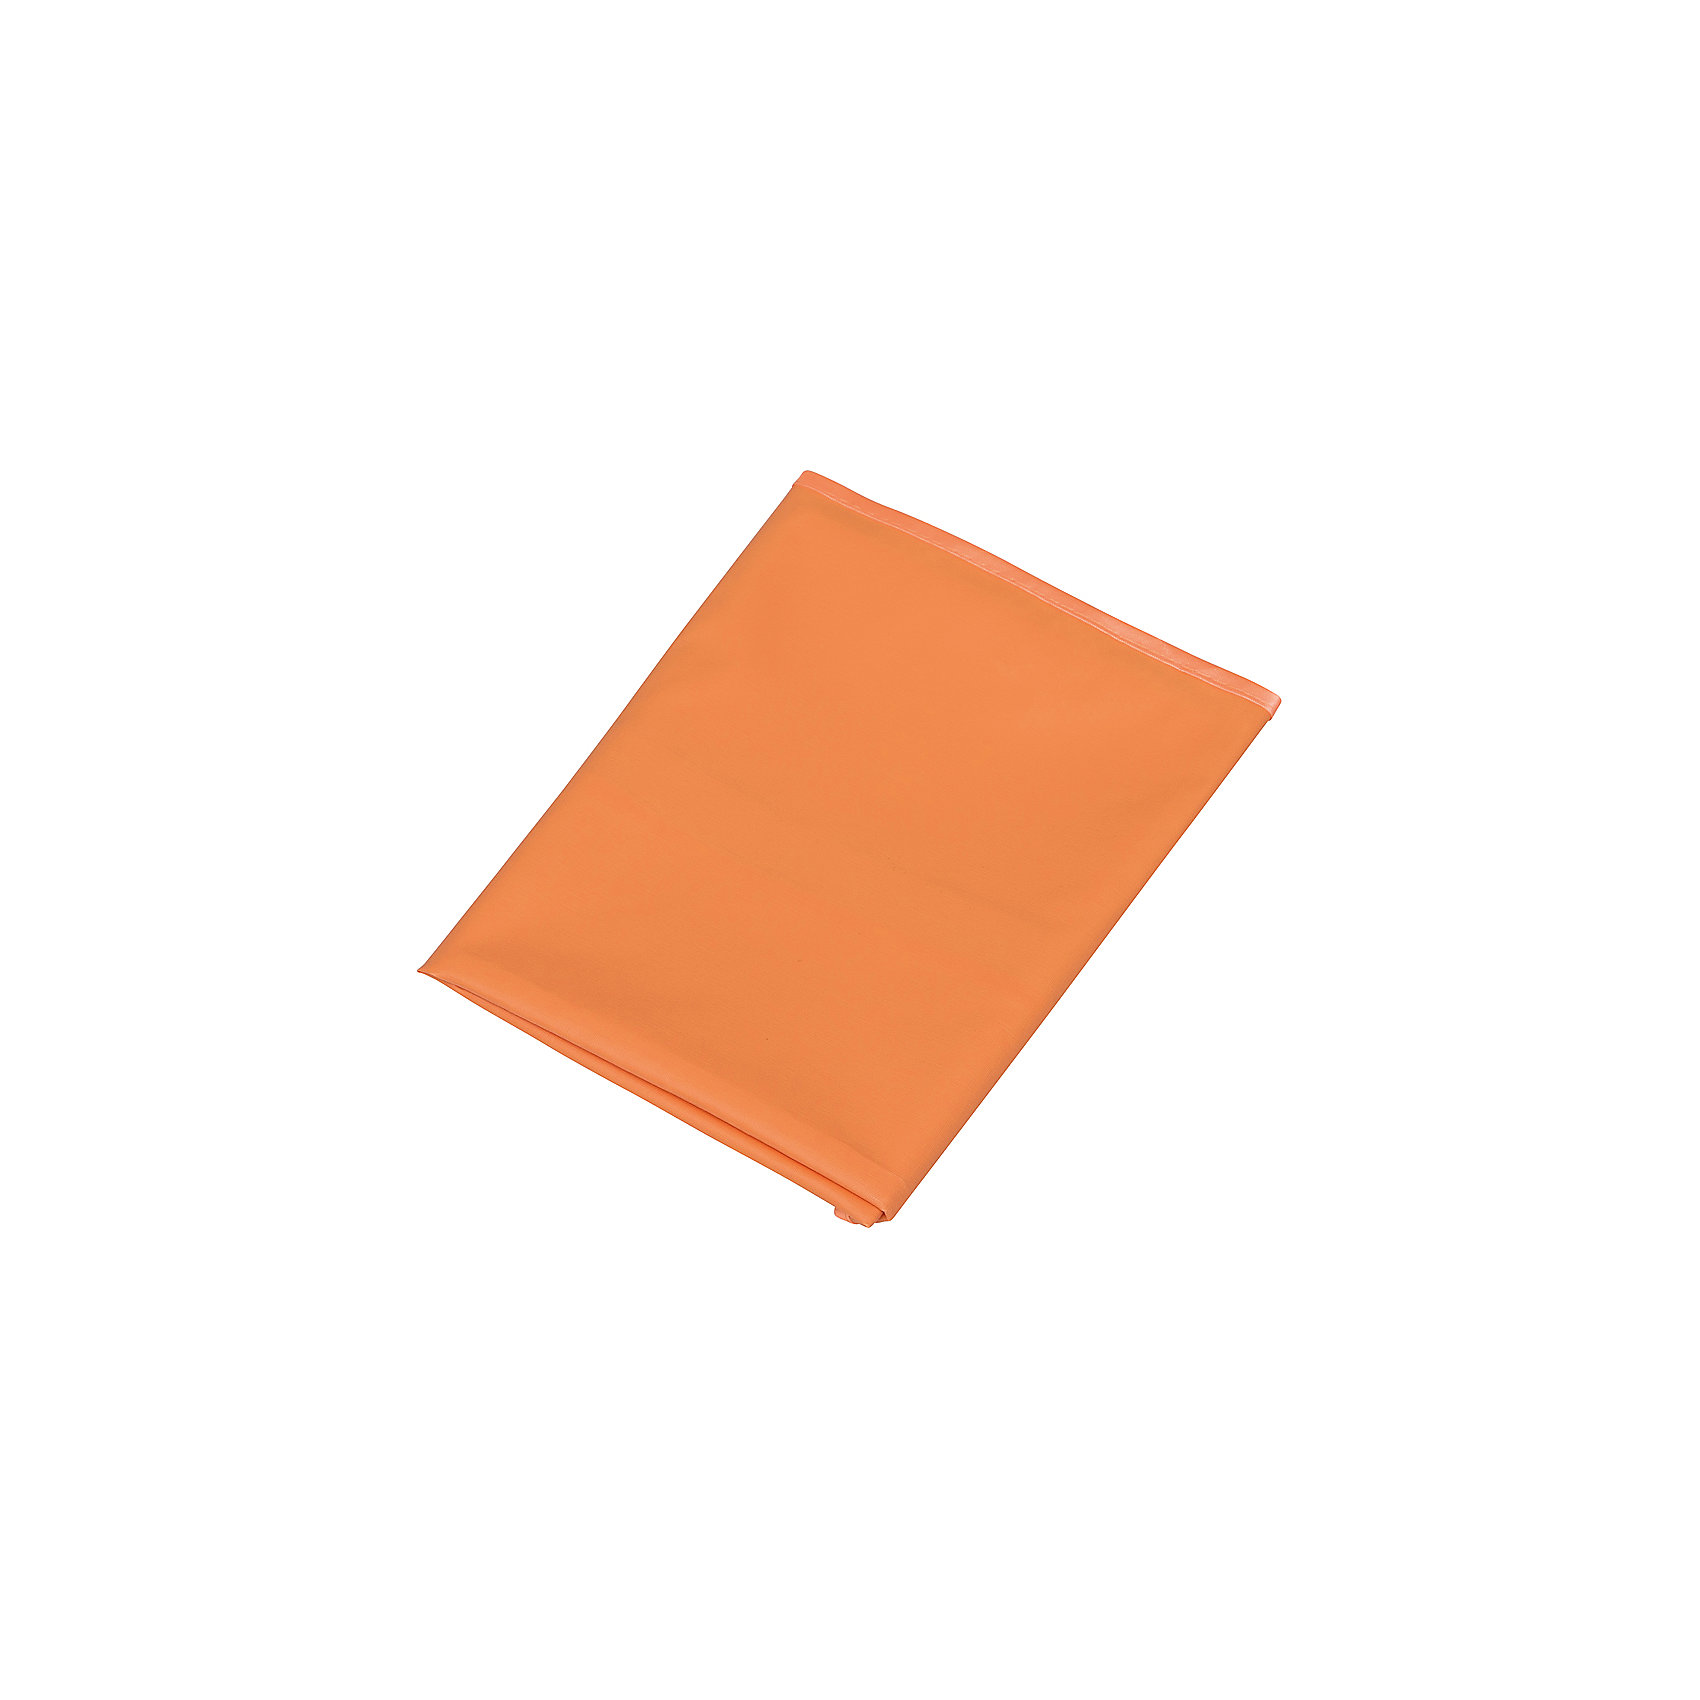 Клеенка подкладная с ПВХ покрытием, Roxy-Kids, оранжевыйПеленание<br>Клеенка подкладная с ПВХ покрытием, Roxy-Kids, оранжевый идеально подходит к размерам детских матрасиков в кроватках и колясках и рекомендована к применению в быту при уходе за малышами!<br><br>Характеристики:<br>-Соответствует всем медицинским требованиям <br>-Изготовлена из полиэфирной ткани: влагонепроницаемая, газопроницаемая и паропроницаемая, что способствует профилактики детских опрелостей <br>-ПВХ покрытие на лицевой стороне обладает отличной теплопроводностью, быстро приобретает температуру тела без «эффекта холодного прикосновения»<br>-Идеально подходит к размерам детских матрасиков в кроватках и колясках<br><br>Дополнительная информация:<br>-Размер: 100х70 см<br>-Размеры в упаковке: 21х17 см<br>-Вес в упаковке: 50 г<br>-Цвет: оранжевый<br>-Материалы: ПВХ, текстиль<br><br>Безопасная и практичная клеенка с ПВХ покрытием идеальна для защиты детской кожи и постельного белья и матраса, и с ней сон малыша будет сладким и крепким!<br><br>Клеенка подкладная с ПВХ покрытием, Roxy-Kids, оранжевый можно купить в нашем магазине.<br><br>Ширина мм: 210<br>Глубина мм: 170<br>Высота мм: 0<br>Вес г: 50<br>Возраст от месяцев: 0<br>Возраст до месяцев: 12<br>Пол: Унисекс<br>Возраст: Детский<br>SKU: 4231883